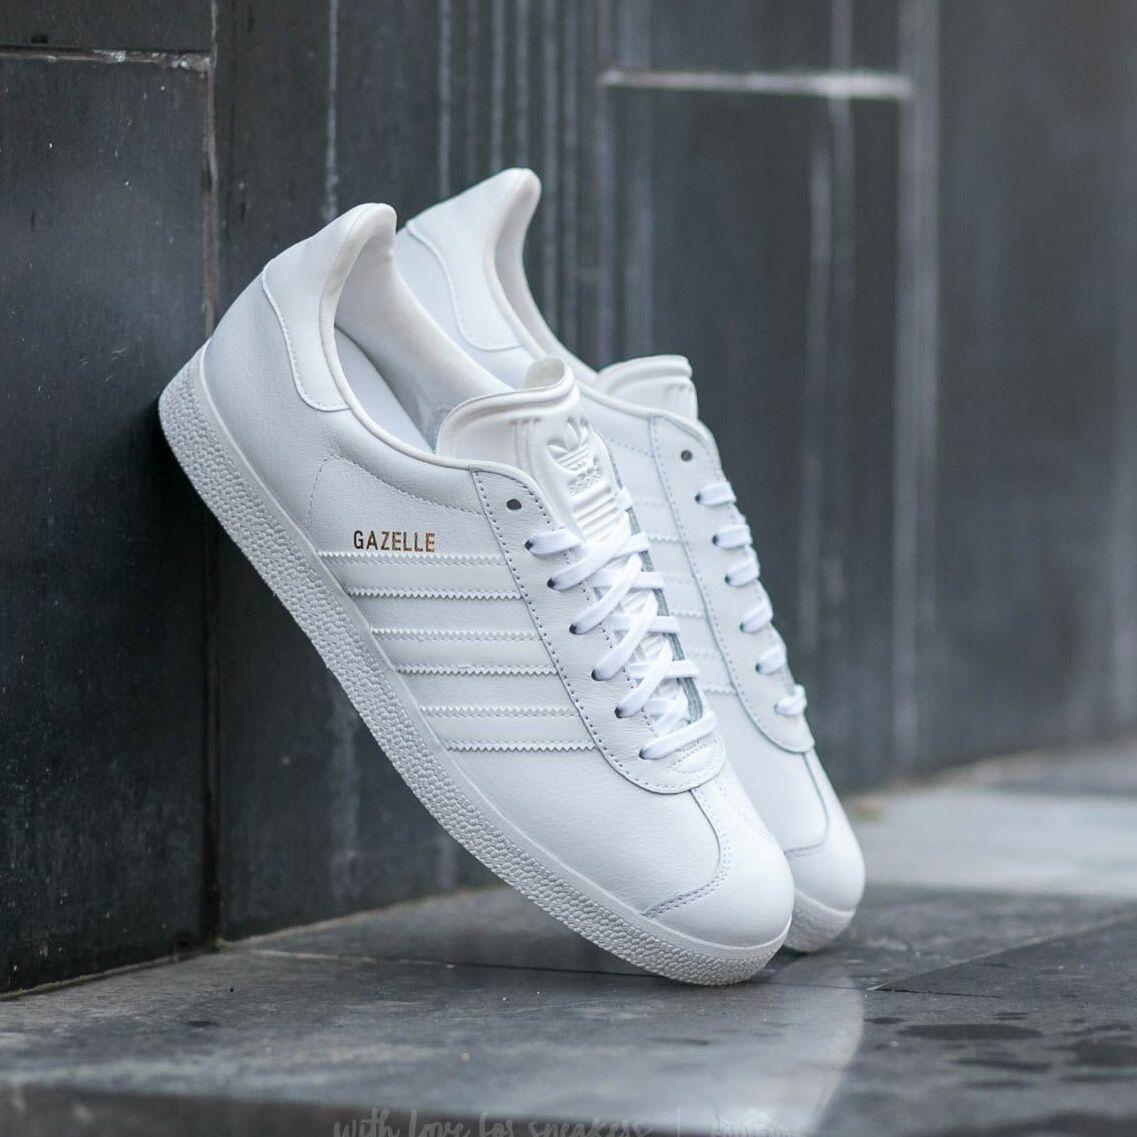 adidas Gazelle Ftw White/ Ftw White/ Gold Metallic EUR 42 2/3